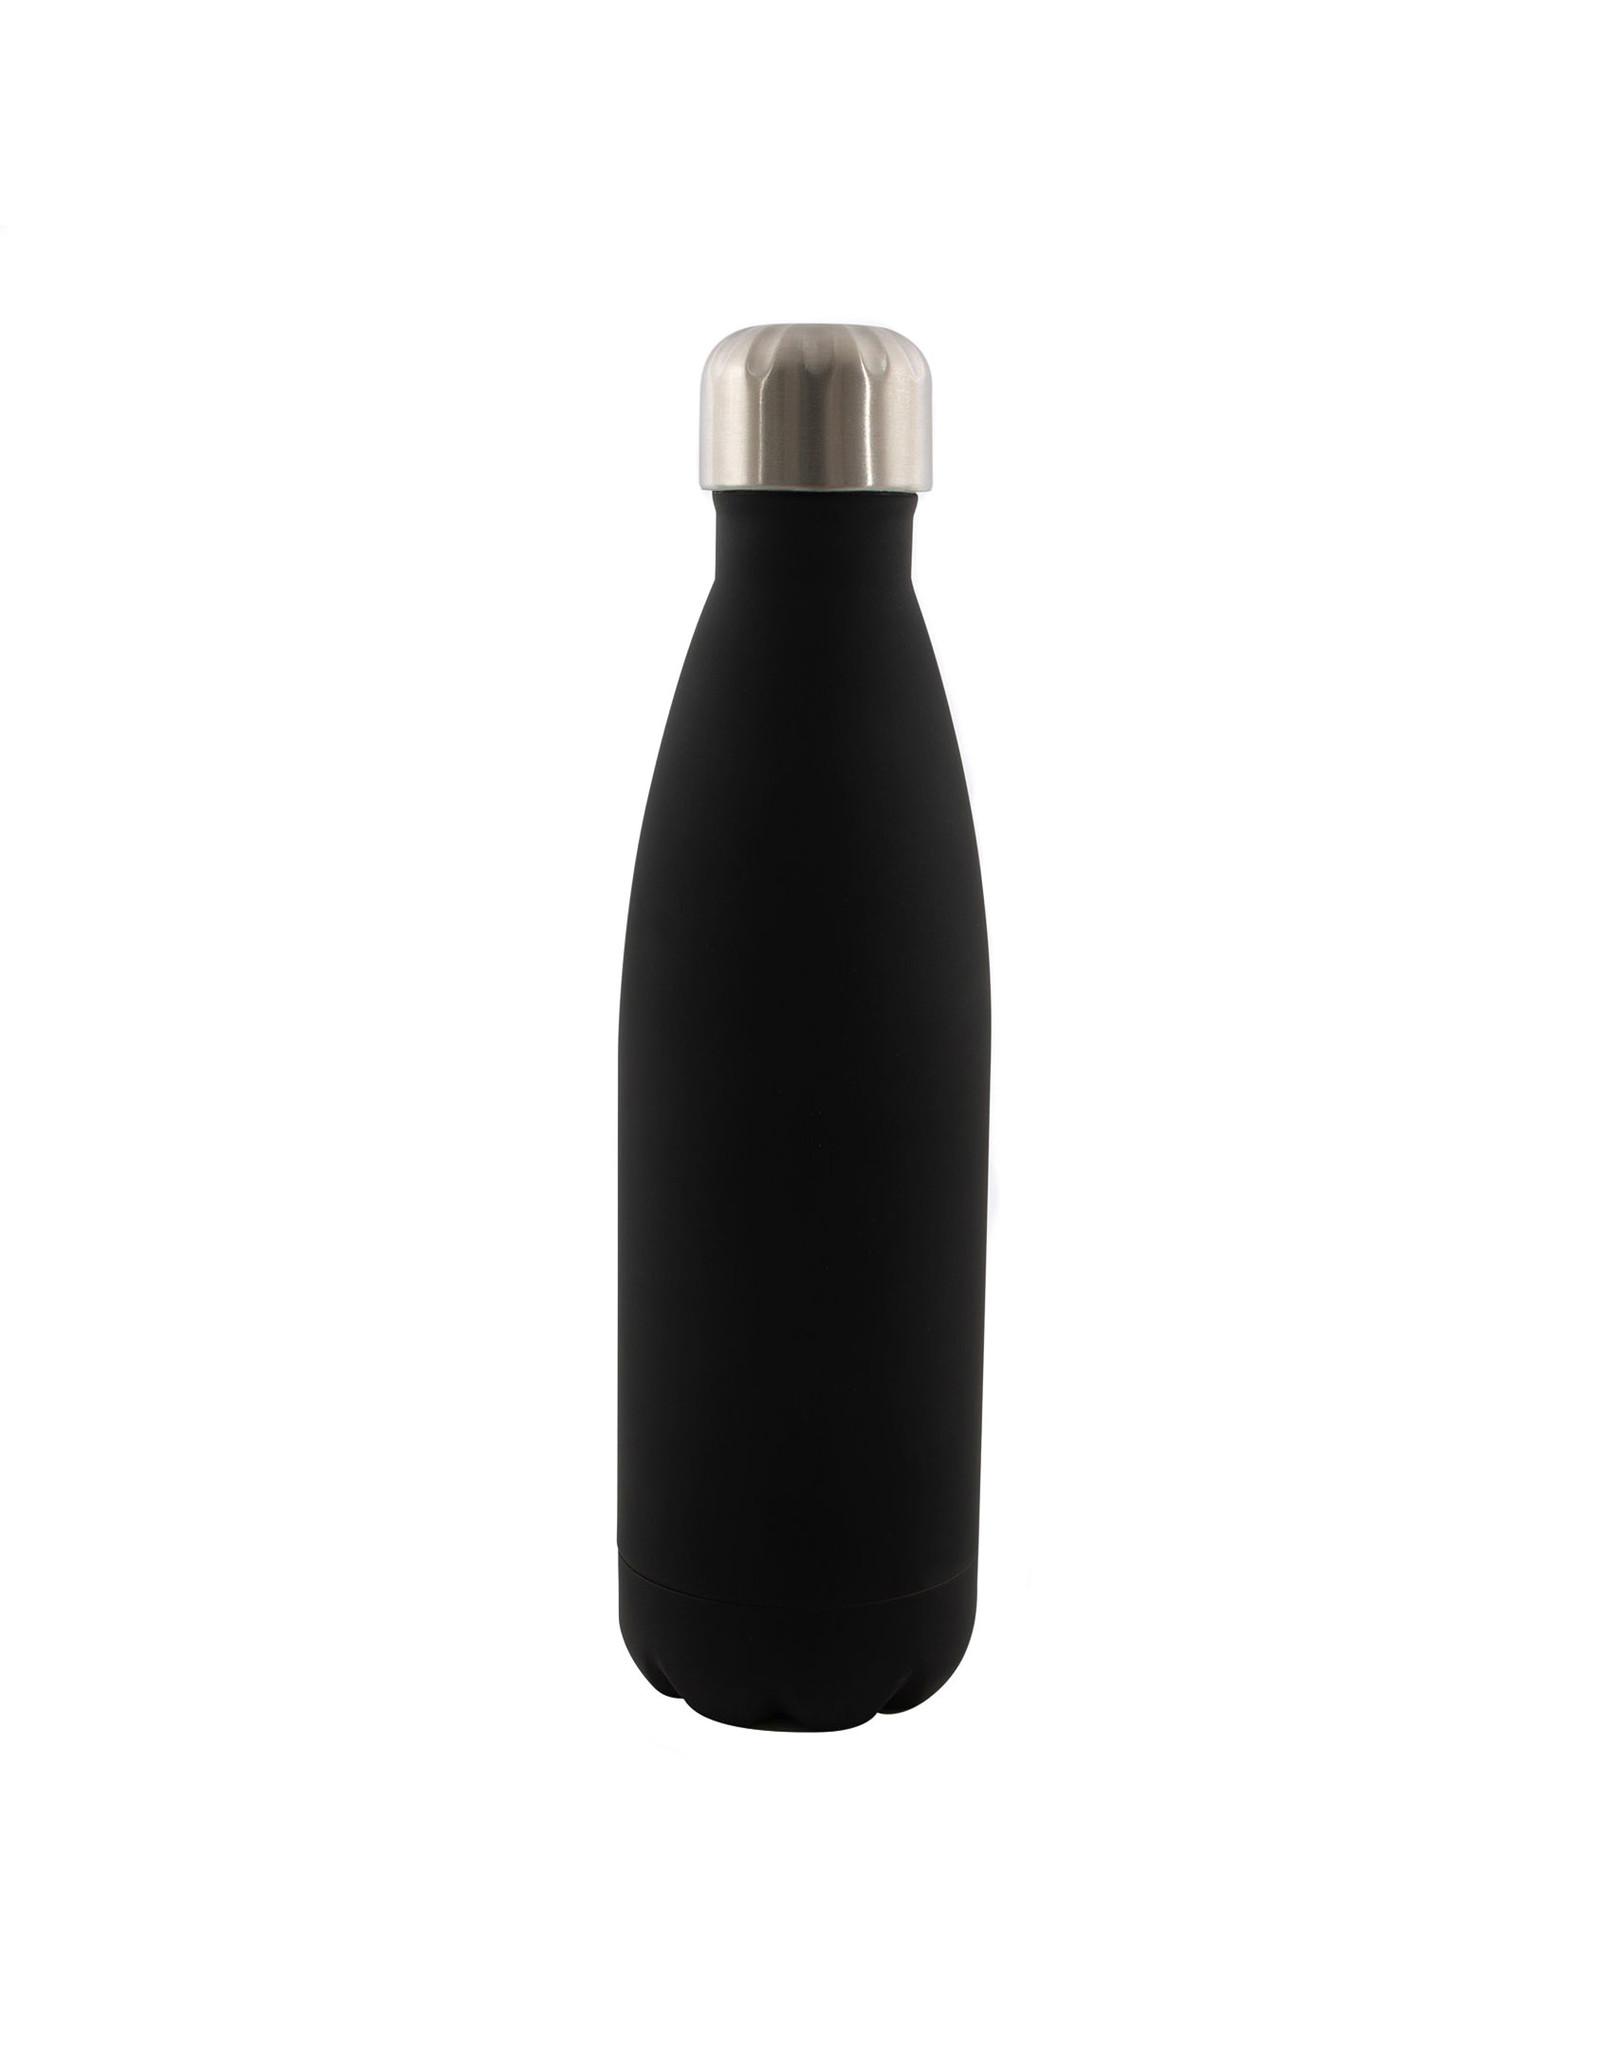 Dubbelwandige fles RVS mat zwart